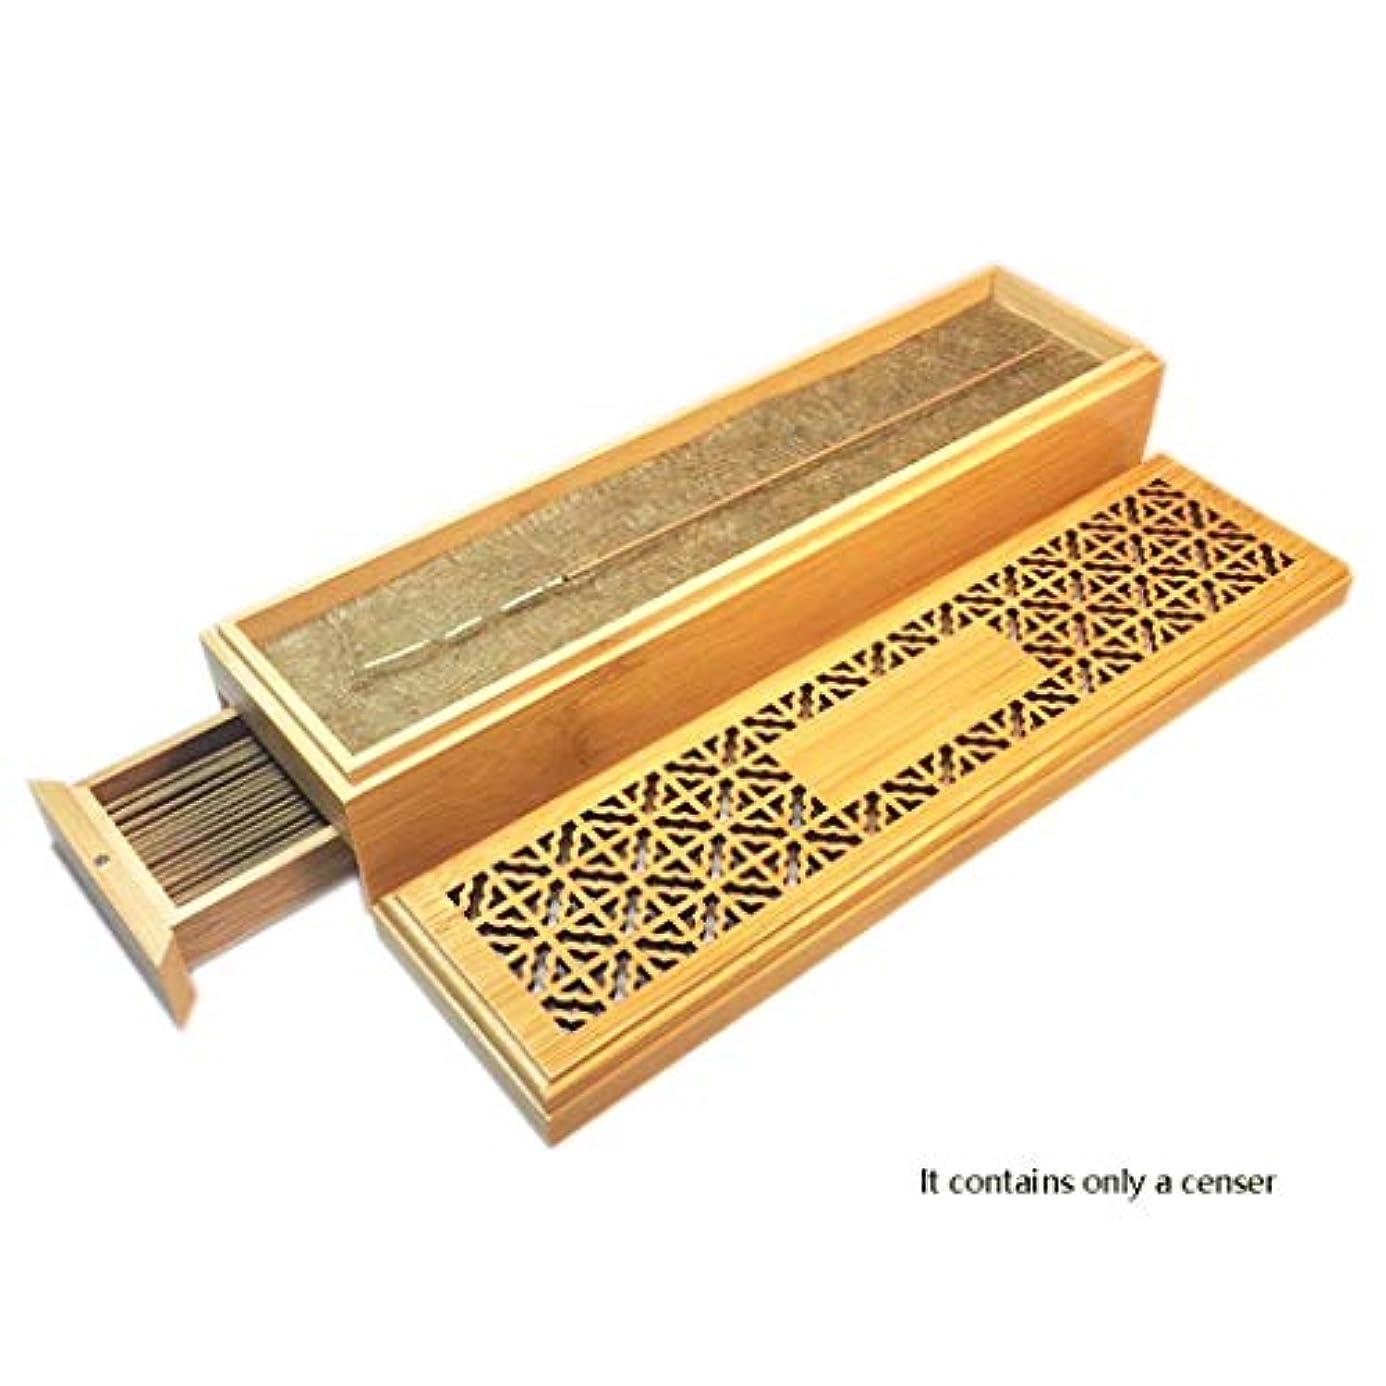 大胆な最初は回転させるホームアロマバーナー 竹製お香バーナー引き出し付スティック収納ボックス中空木製ケースボックスIncensoスティックホルダー 芳香器アロマバーナー (Color : Natural)